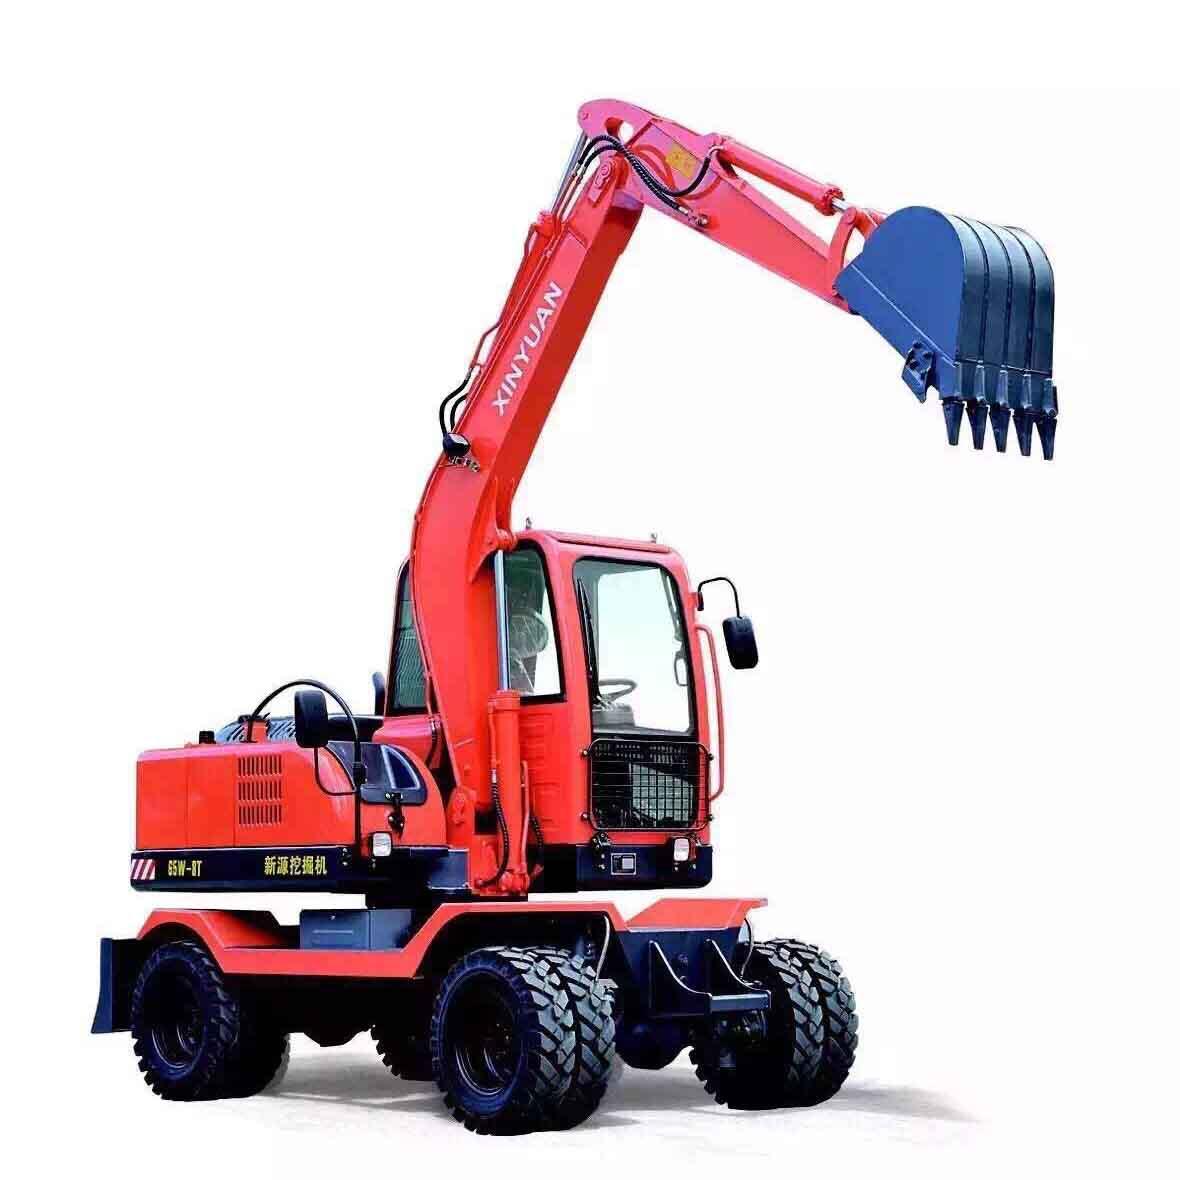 兴义贵阳轮胎式挖掘机